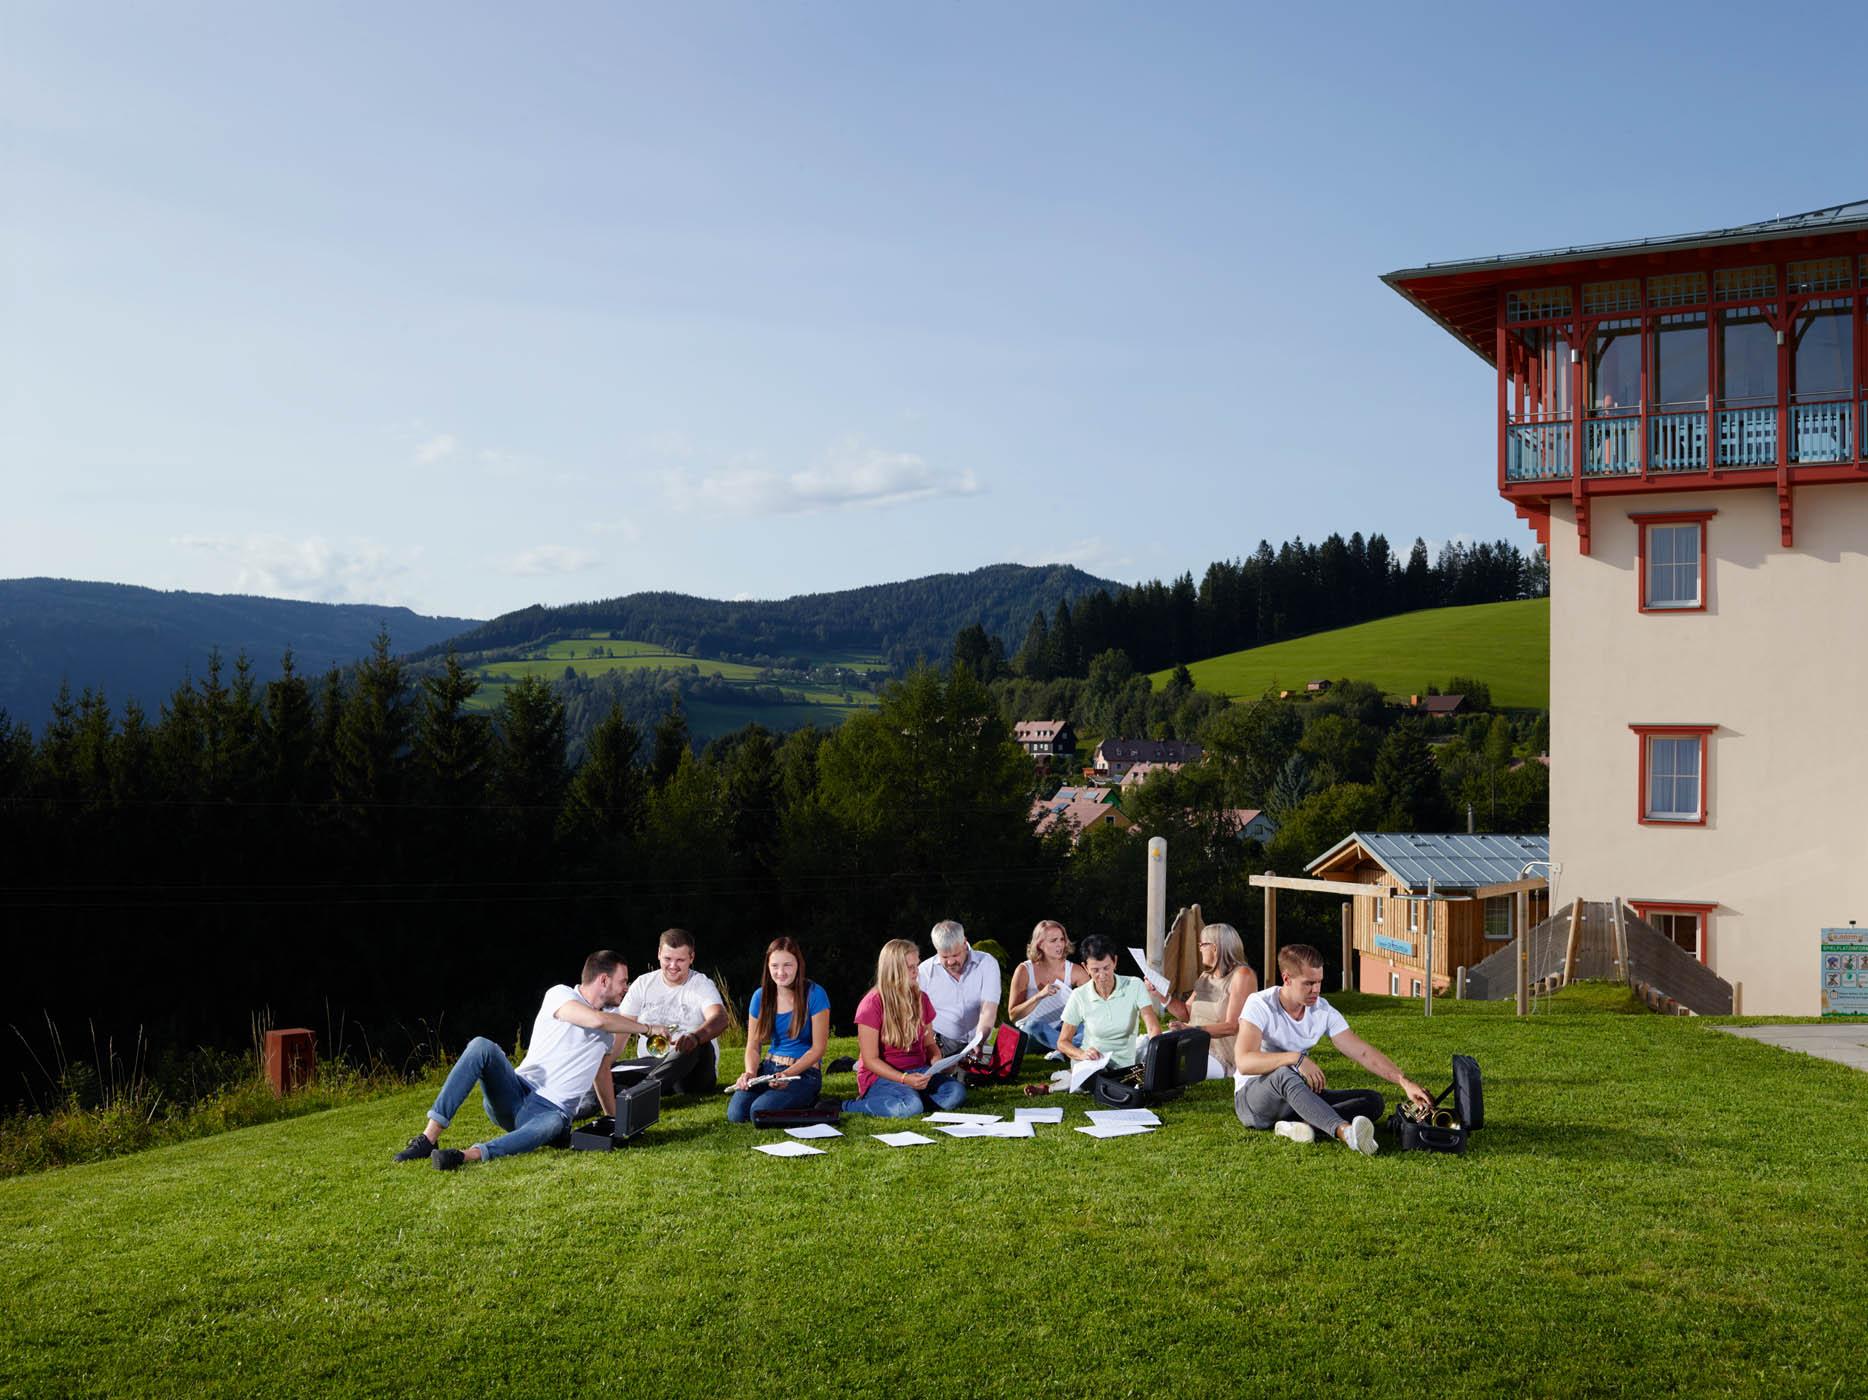 Sie sehen eine Gruppe Musiker im JUFA Hotel Knappenberg auf einer Wiese im Sommer. JUFA Hotels bietet den idealen Platz zum Musizieren und Singen in der Gemeinschaft in abwechslungsreichen Regionen.